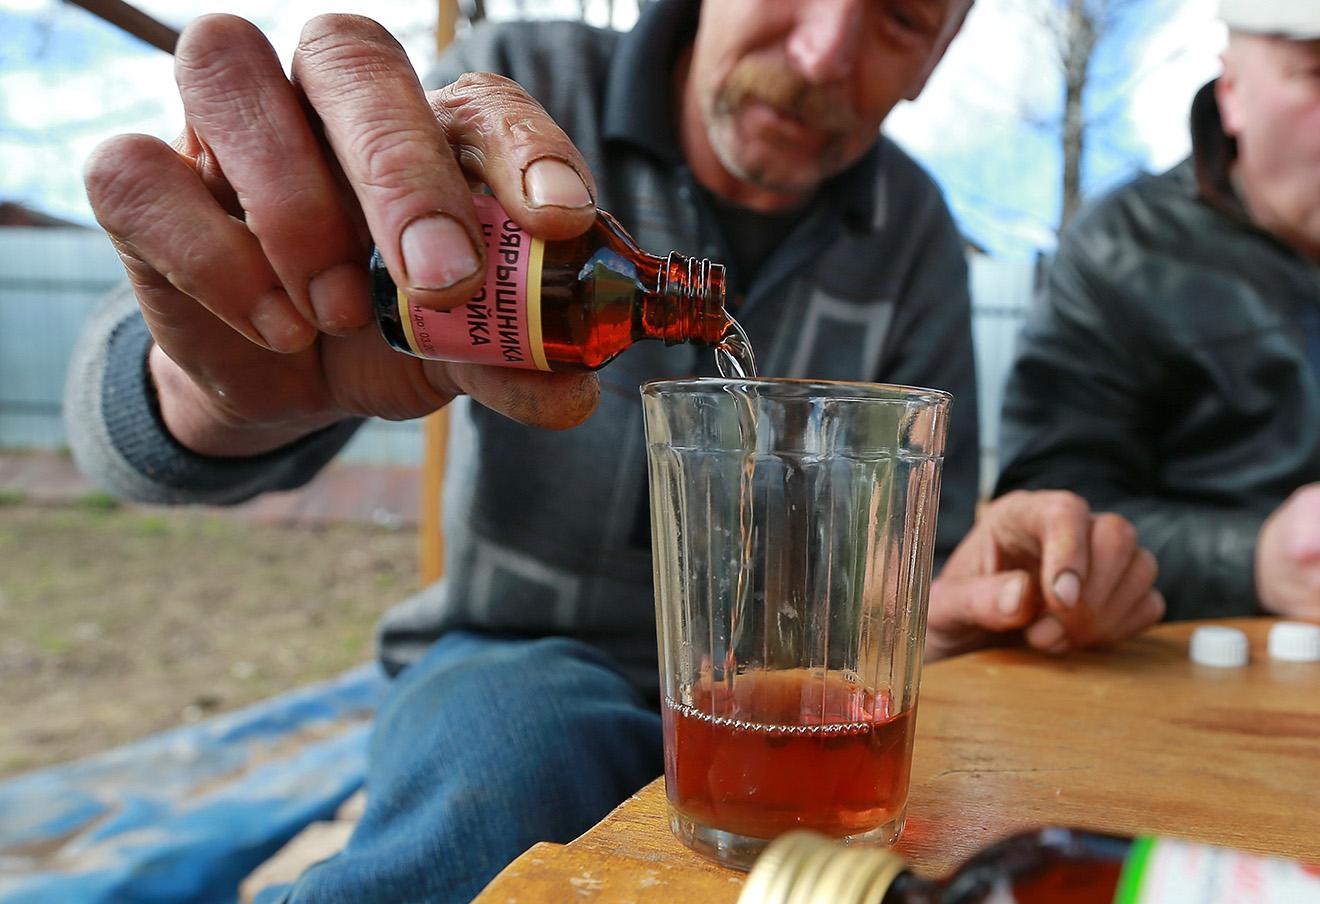 Настойка боярышника. Фото: Владимир Смирнов / ТАСС